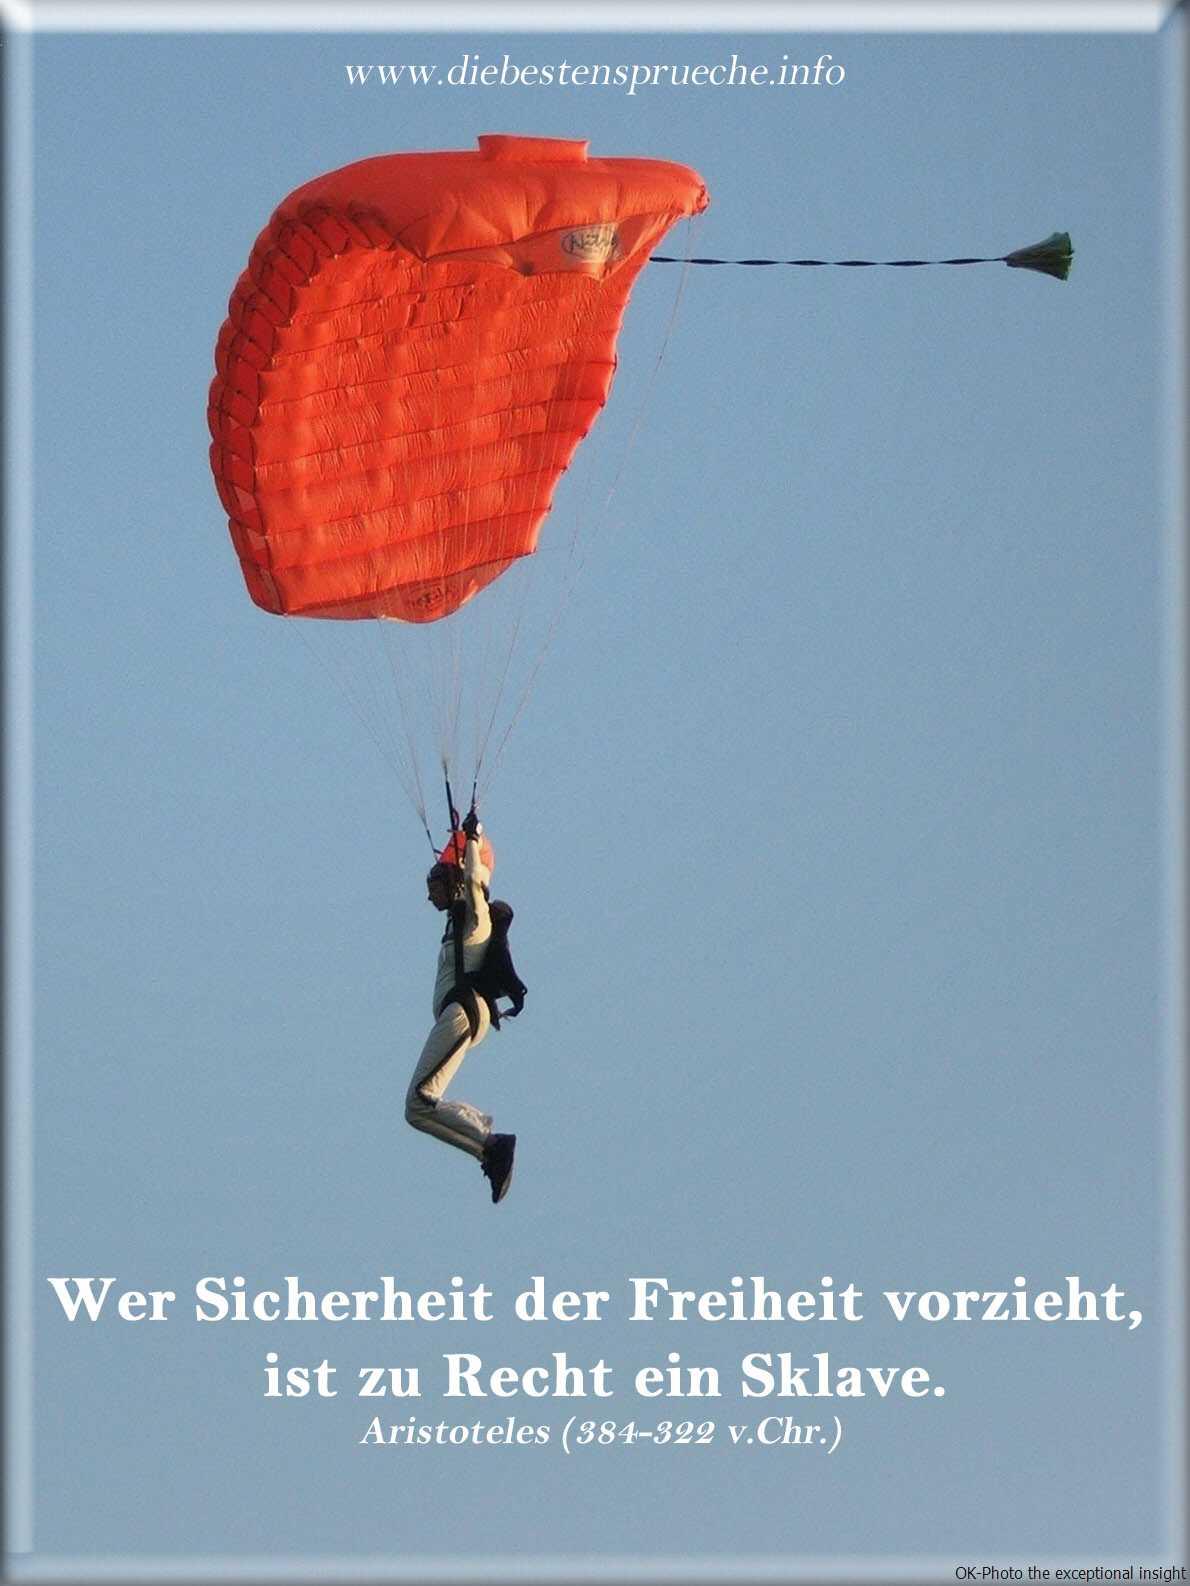 Über Den Wolken, Muss Die Freiheit.